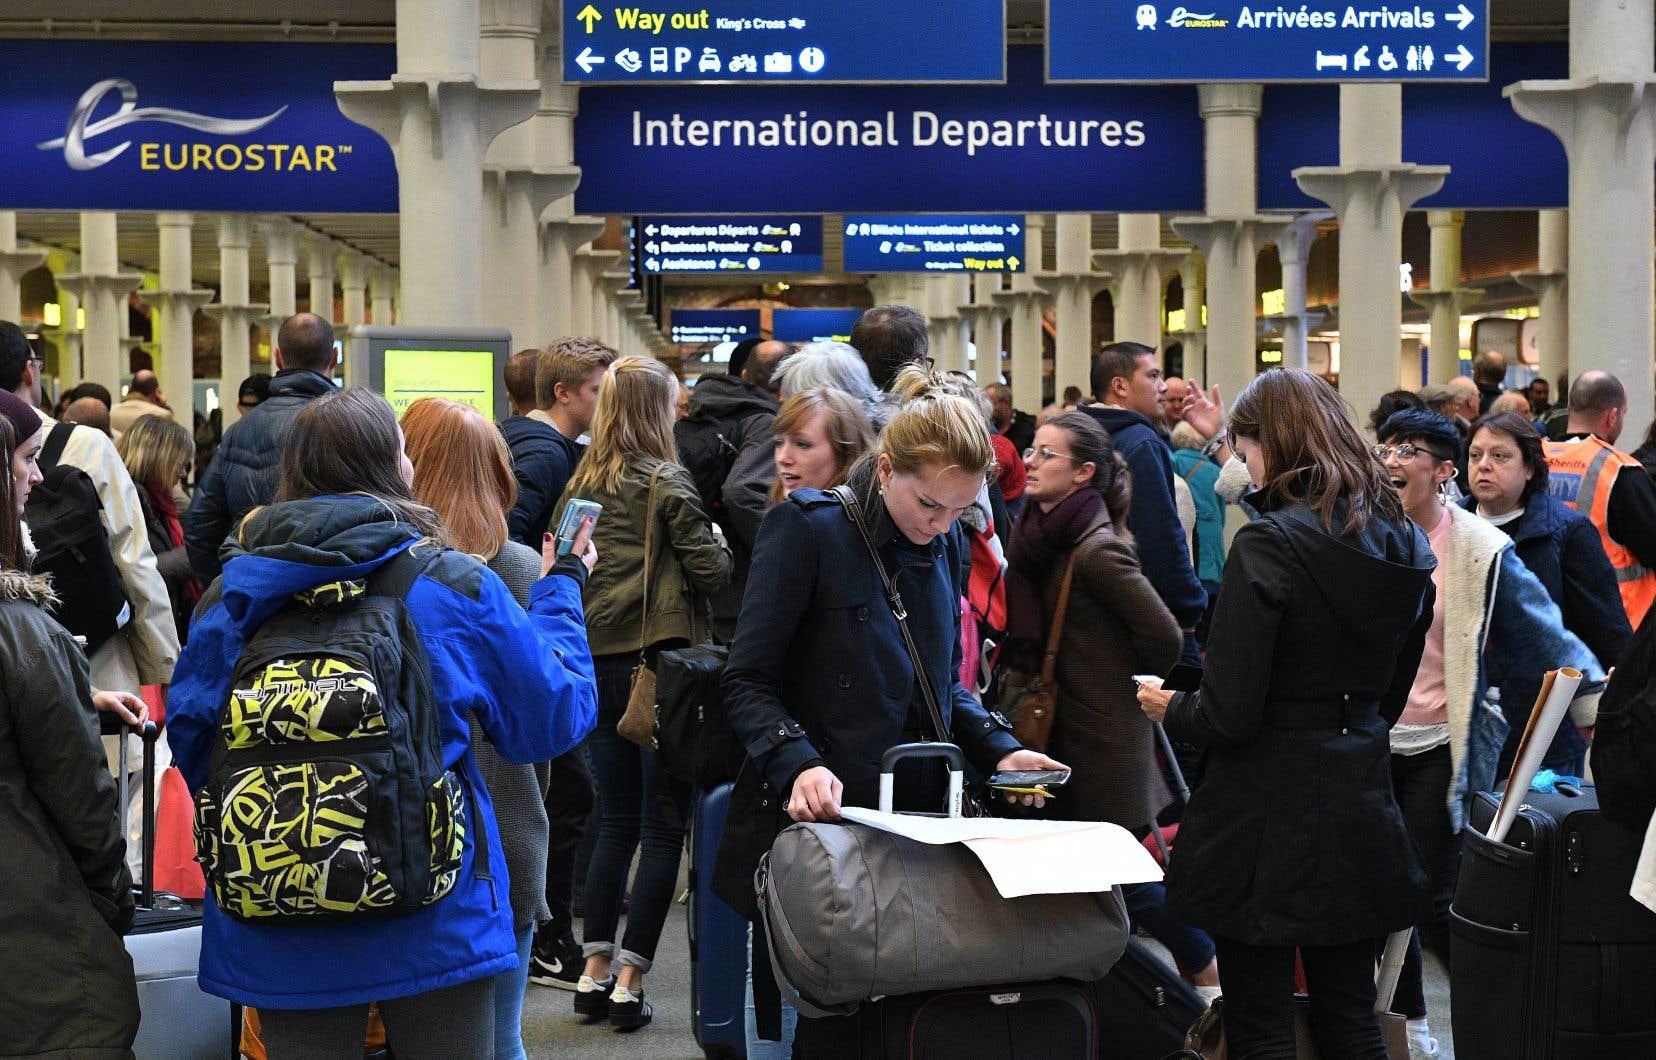 La liberté de circulation des personnes permet aux citoyens européens de se déplacer et de séjourner librement au sein des pays de l'UE. C'est l'une des quatre libertés fondamentales du marché unique, avec la libre circulation des capitaux, des biens et des services.